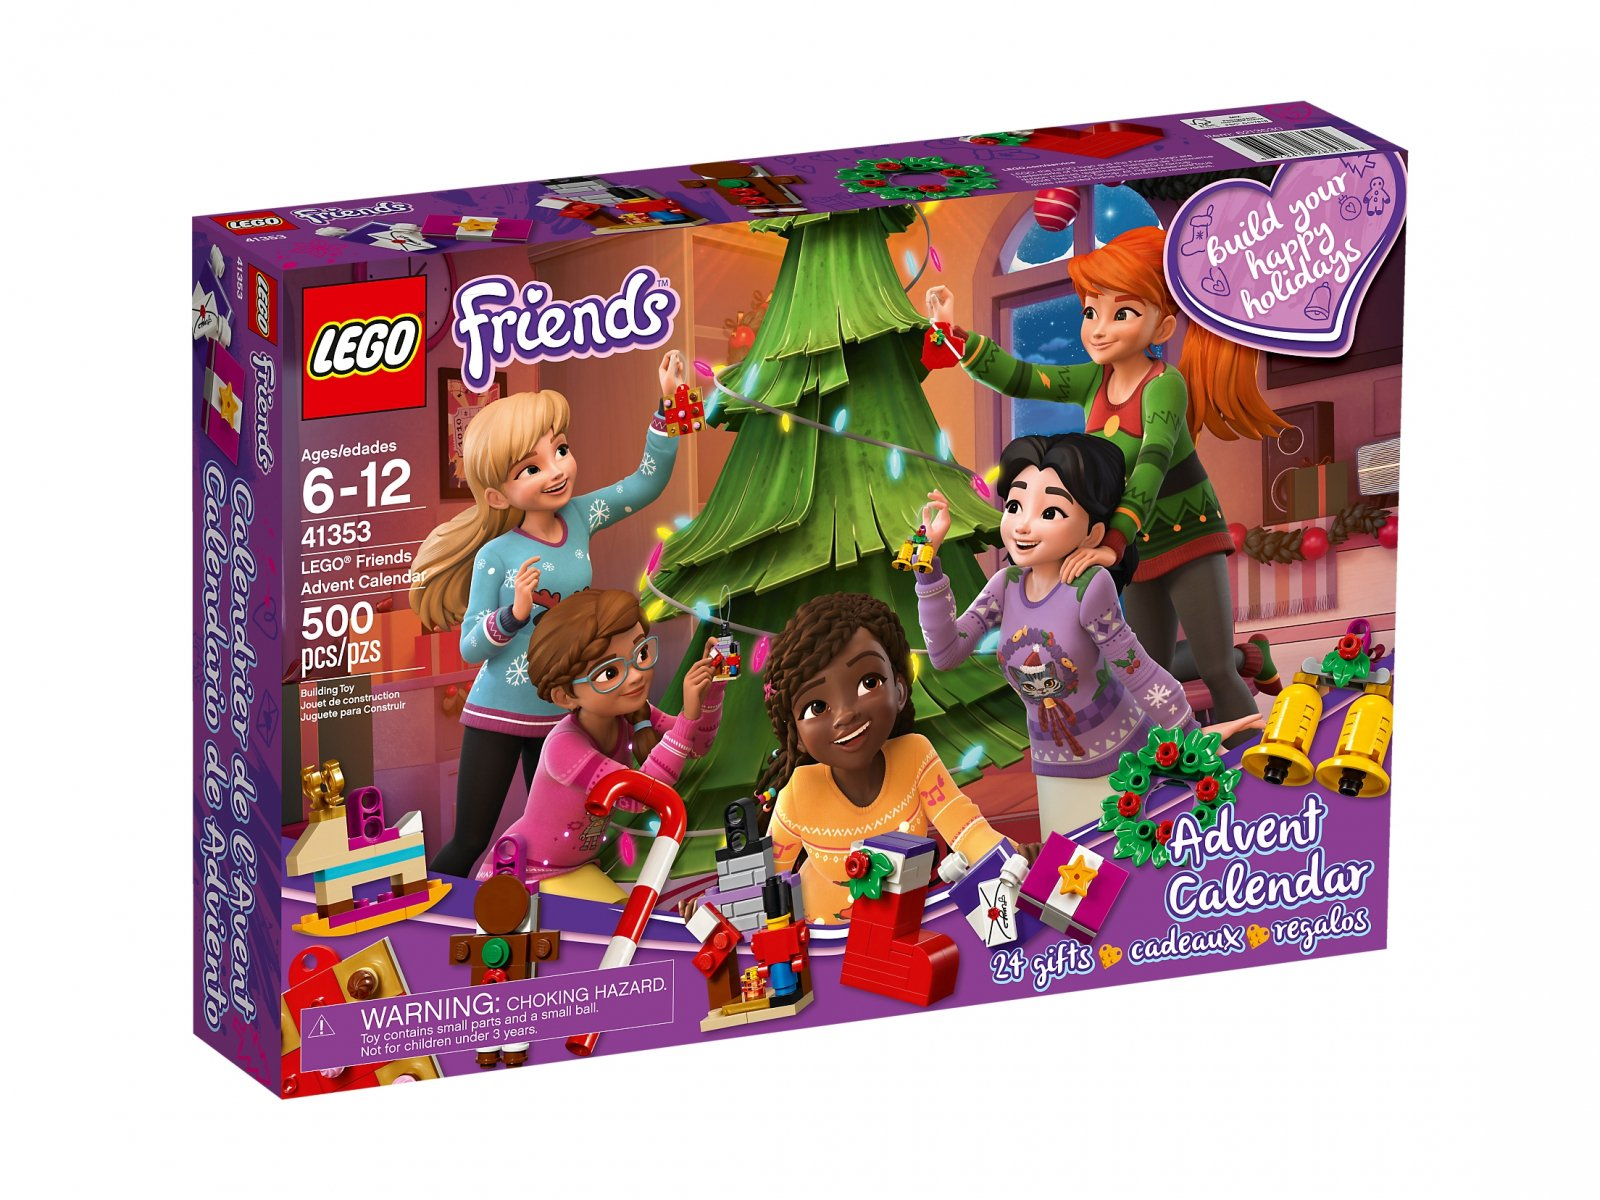 LEGO 41353 Friends Kalendarz adwentowy LEGO® Friends